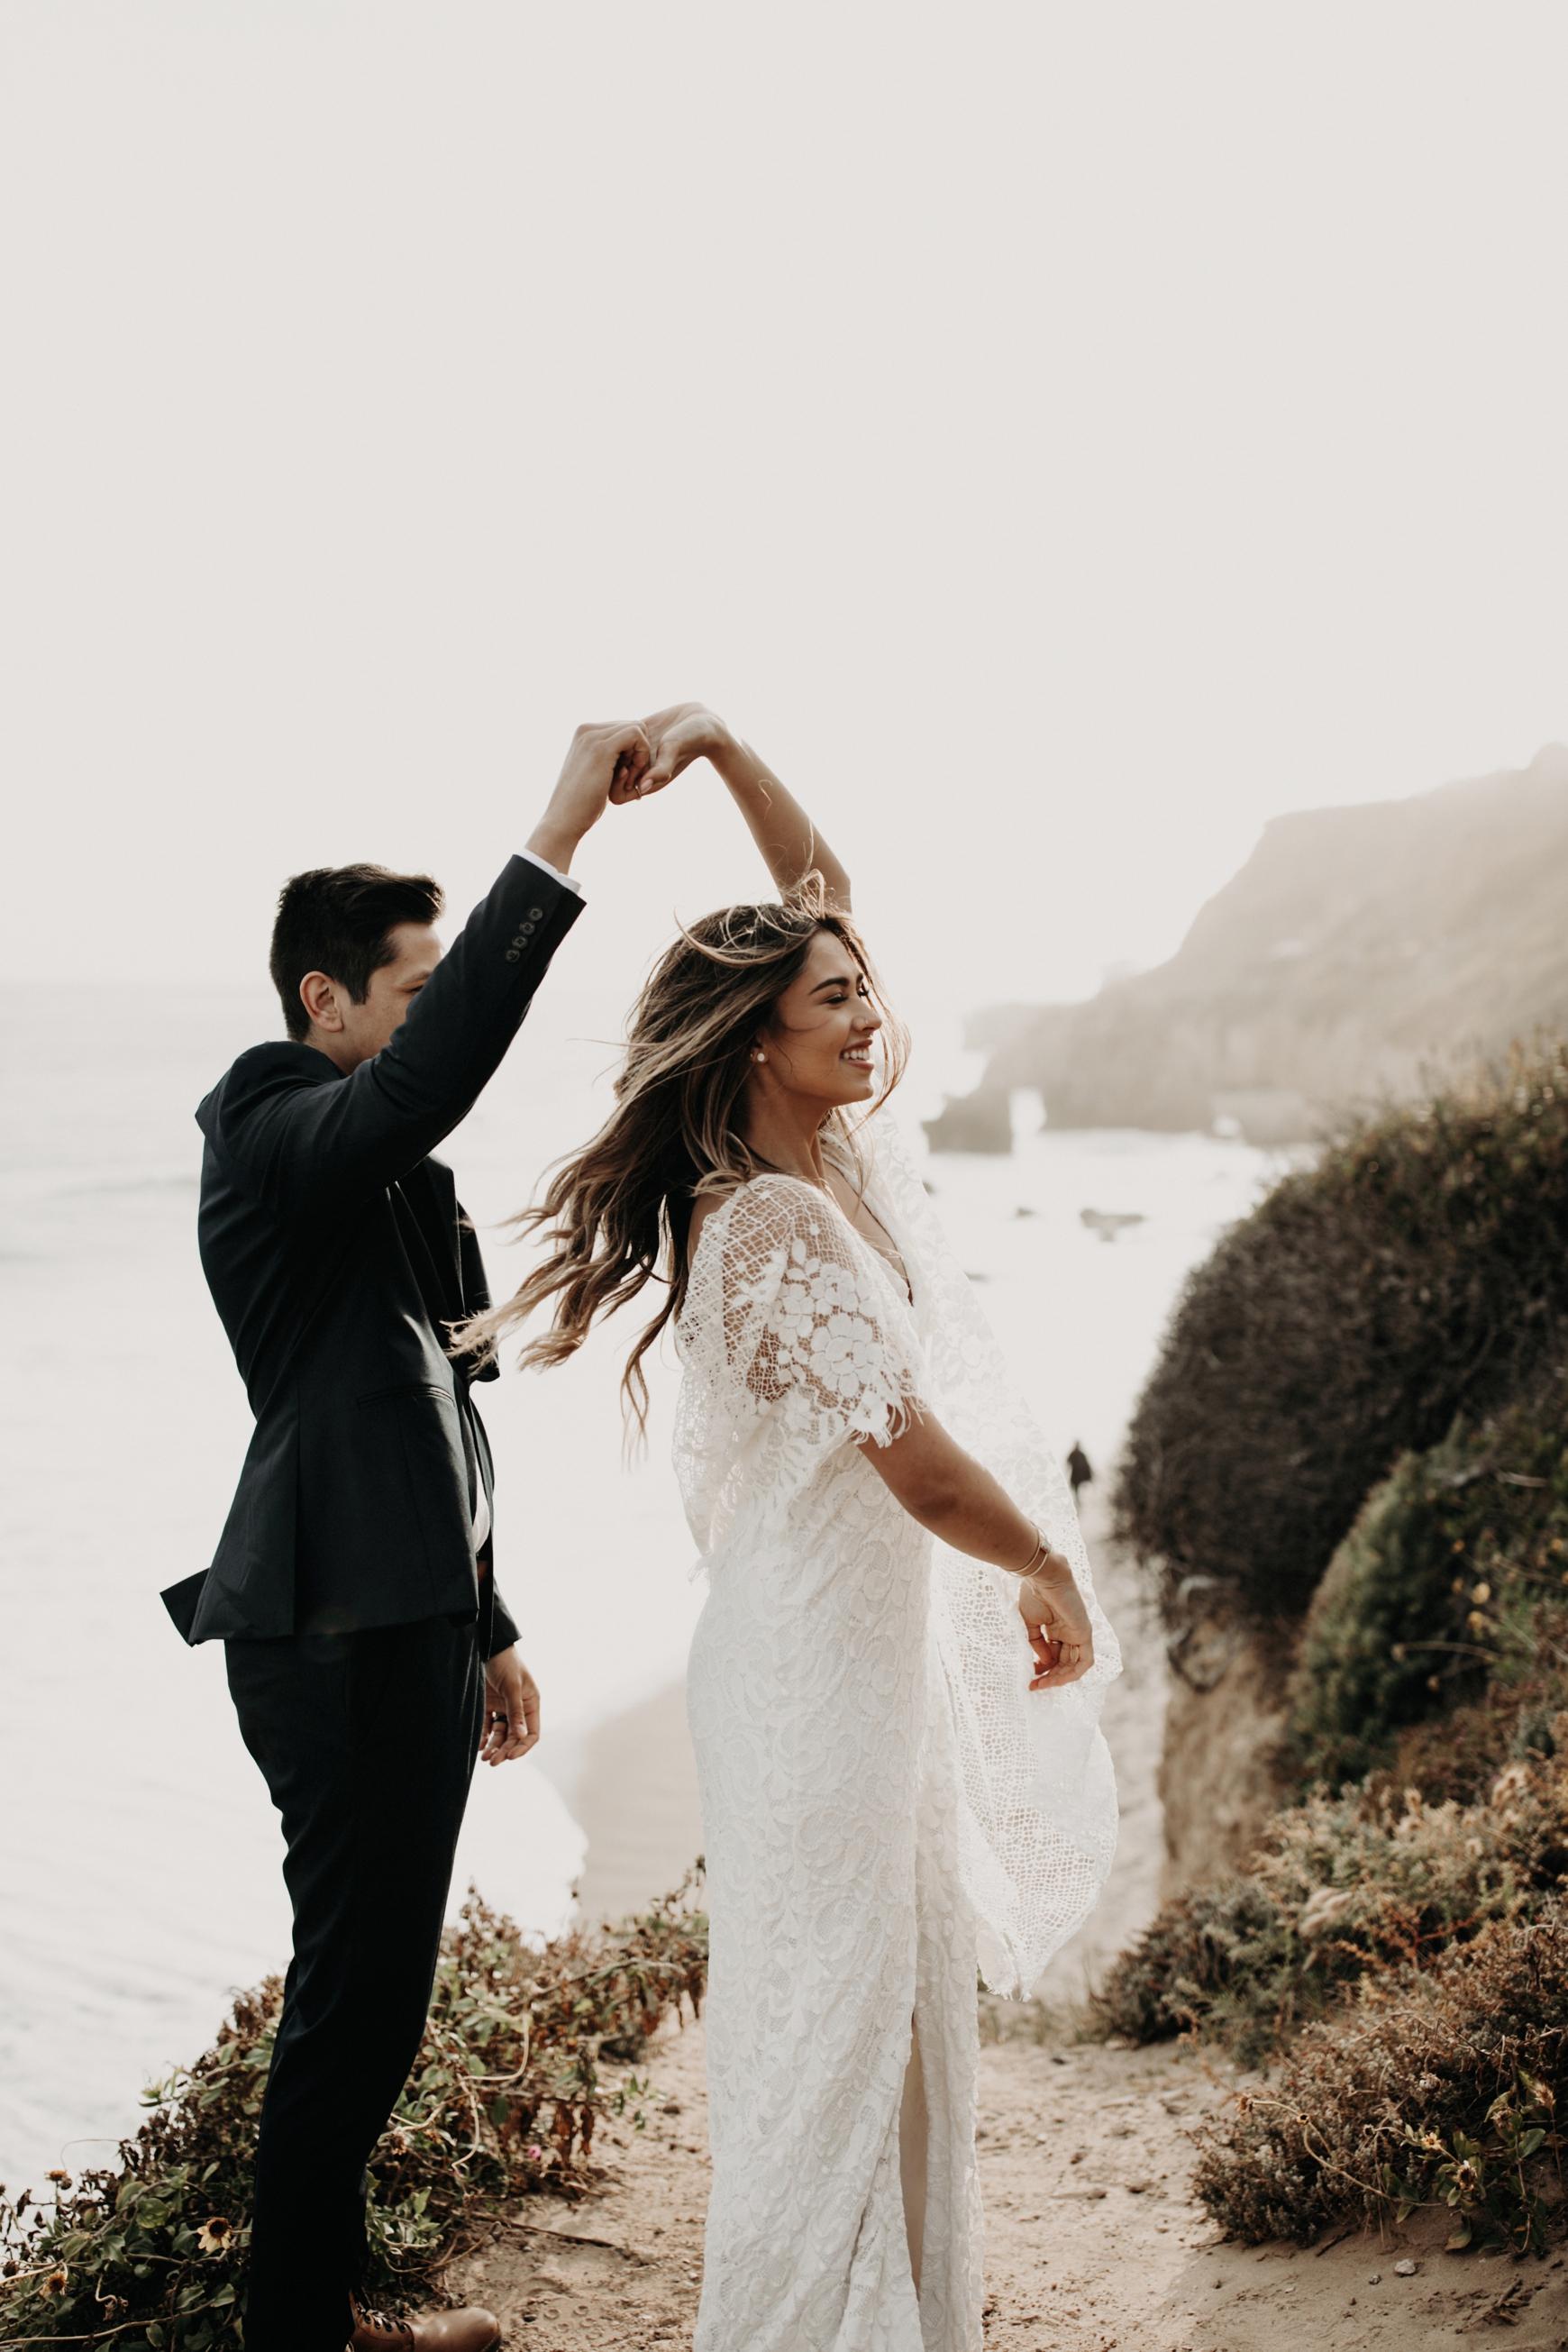 El Matador Beach Bridal Portraits Justellen & TJ Emily Magers Photography-172Emily Magers Photography.jpg